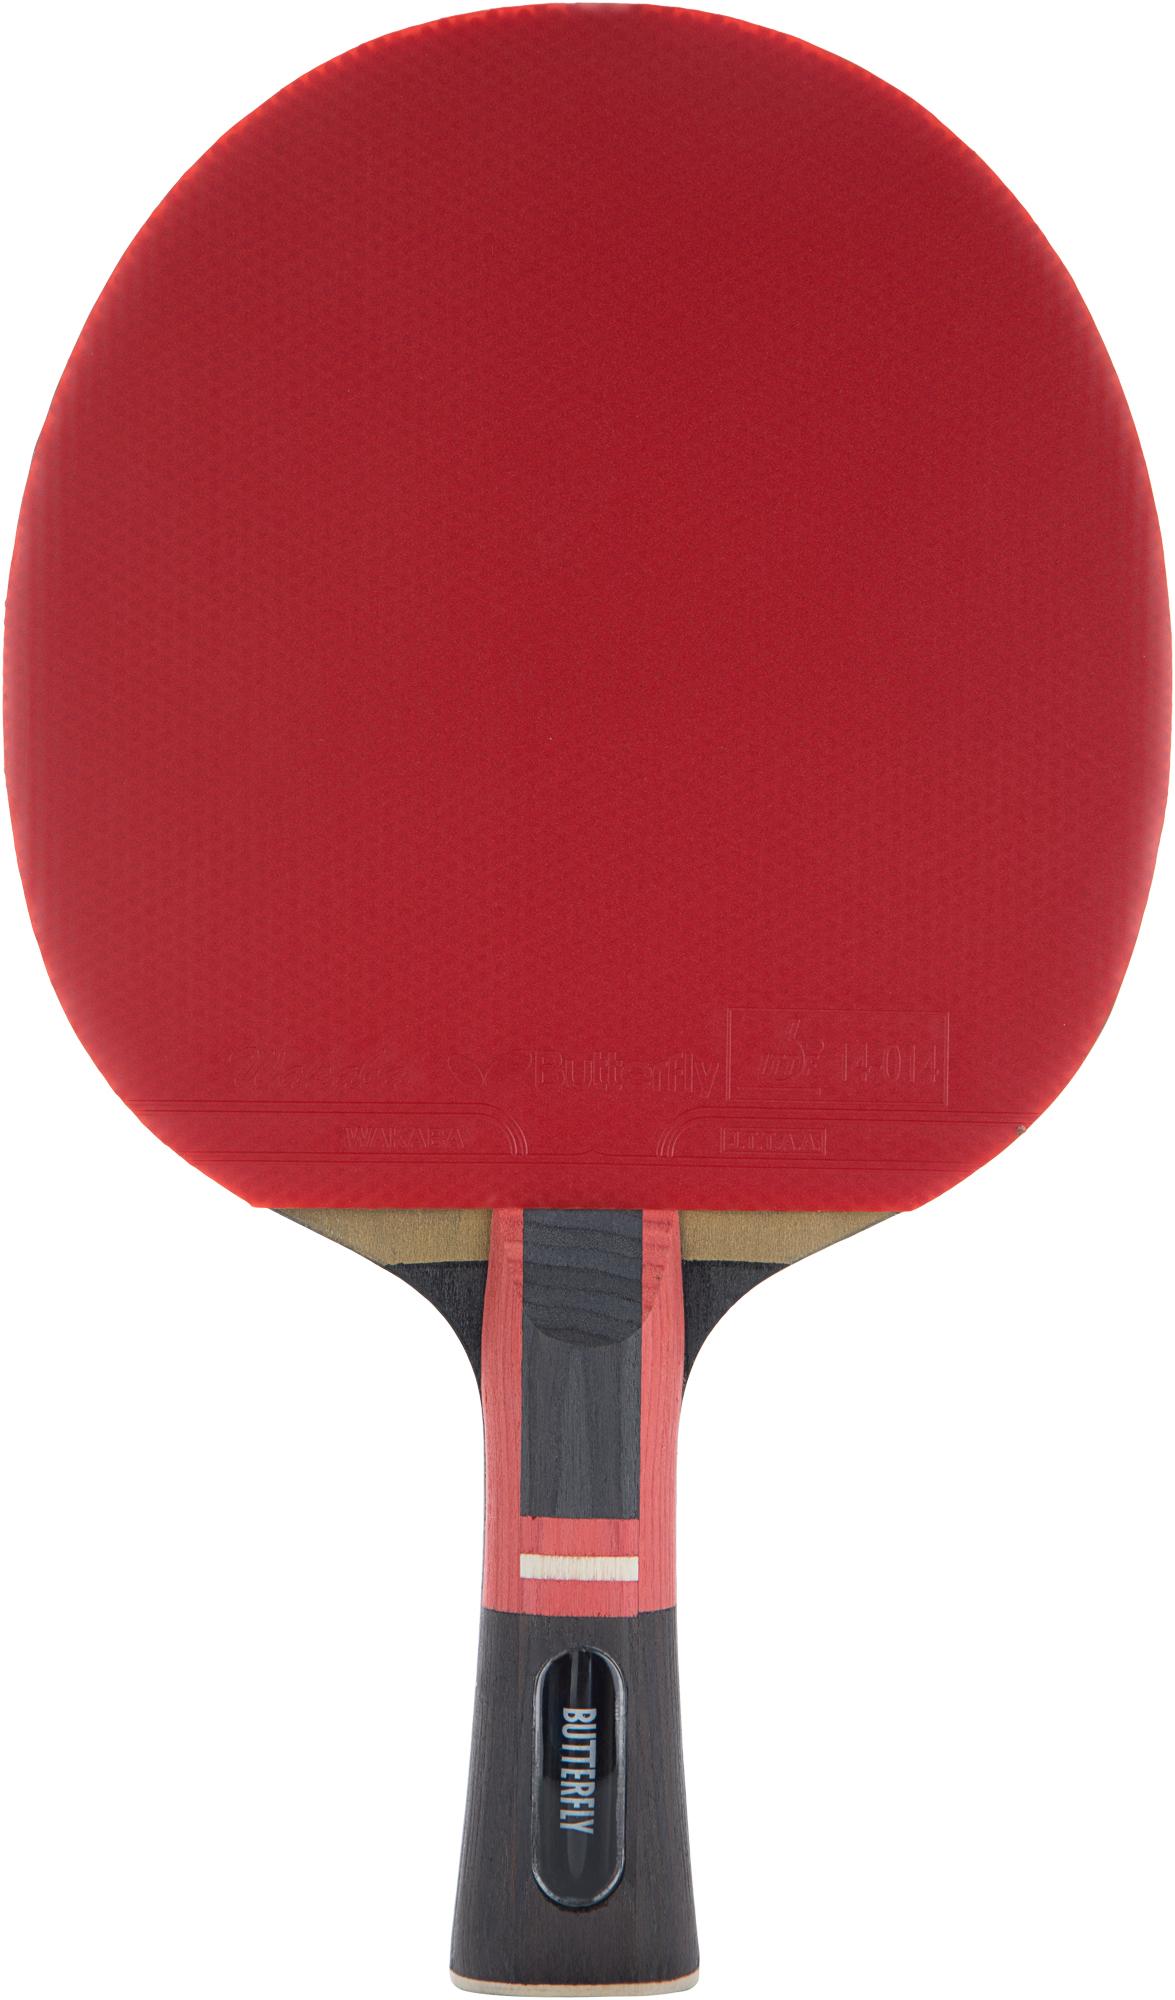 Butterfly Ракетка для настольного тенниса BUTTERFLY Zhang Jike ZJX6 все цены